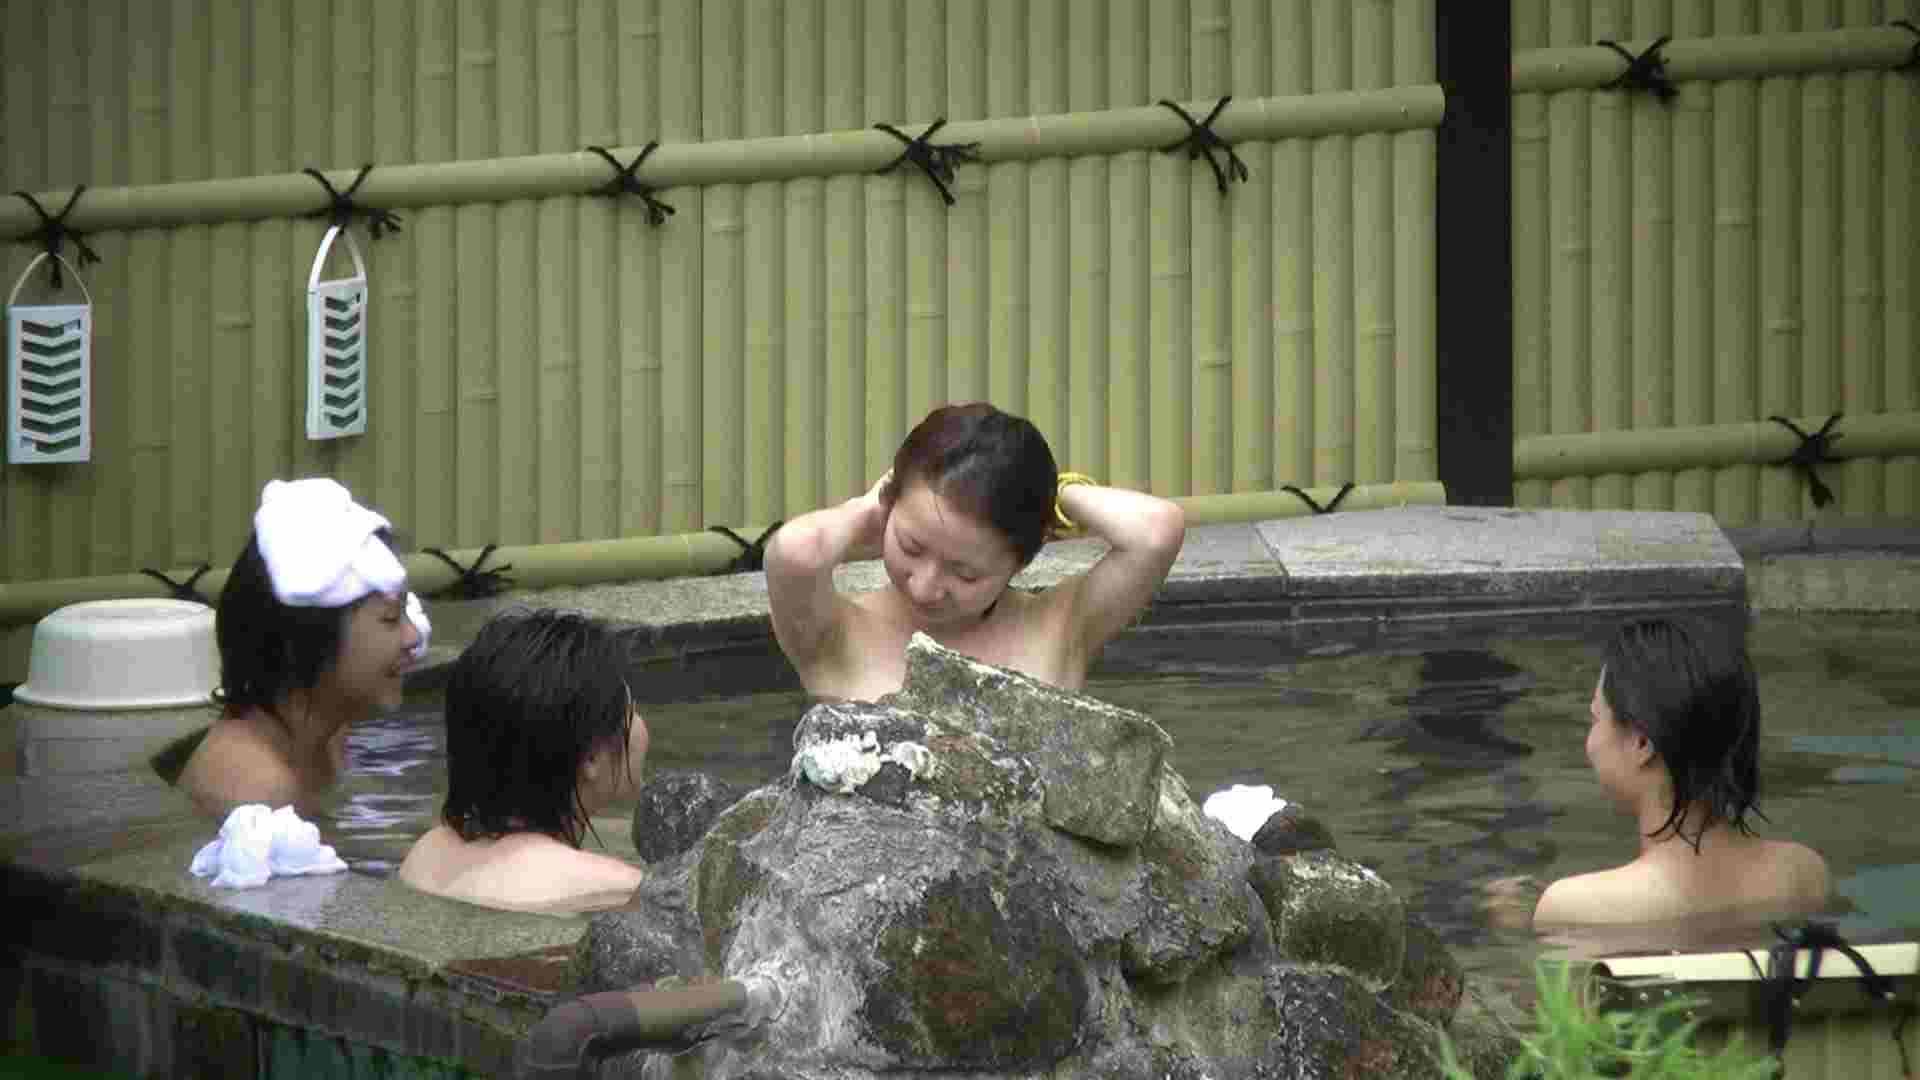 Aquaな露天風呂Vol.181 盗撮 | 露天  105pic 1